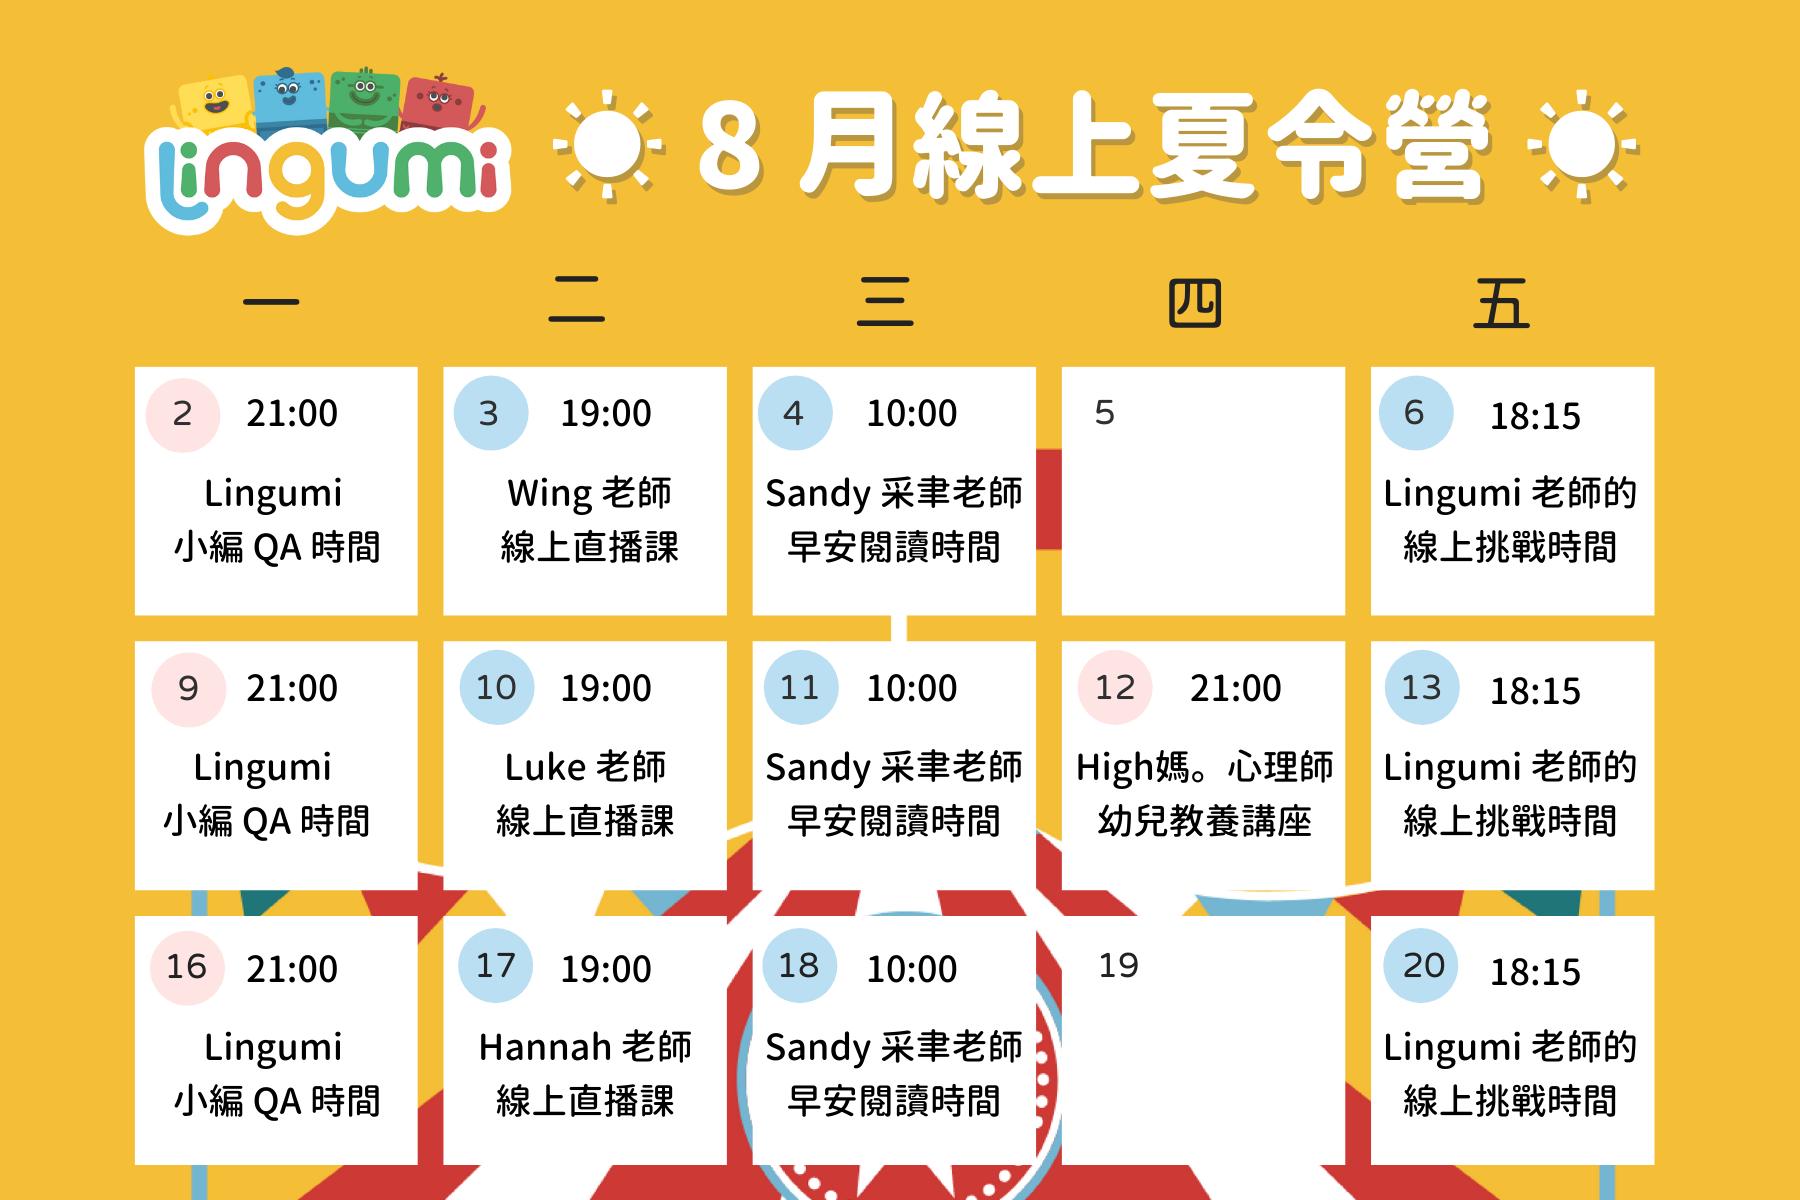 Lingumi 線上夏令營課表